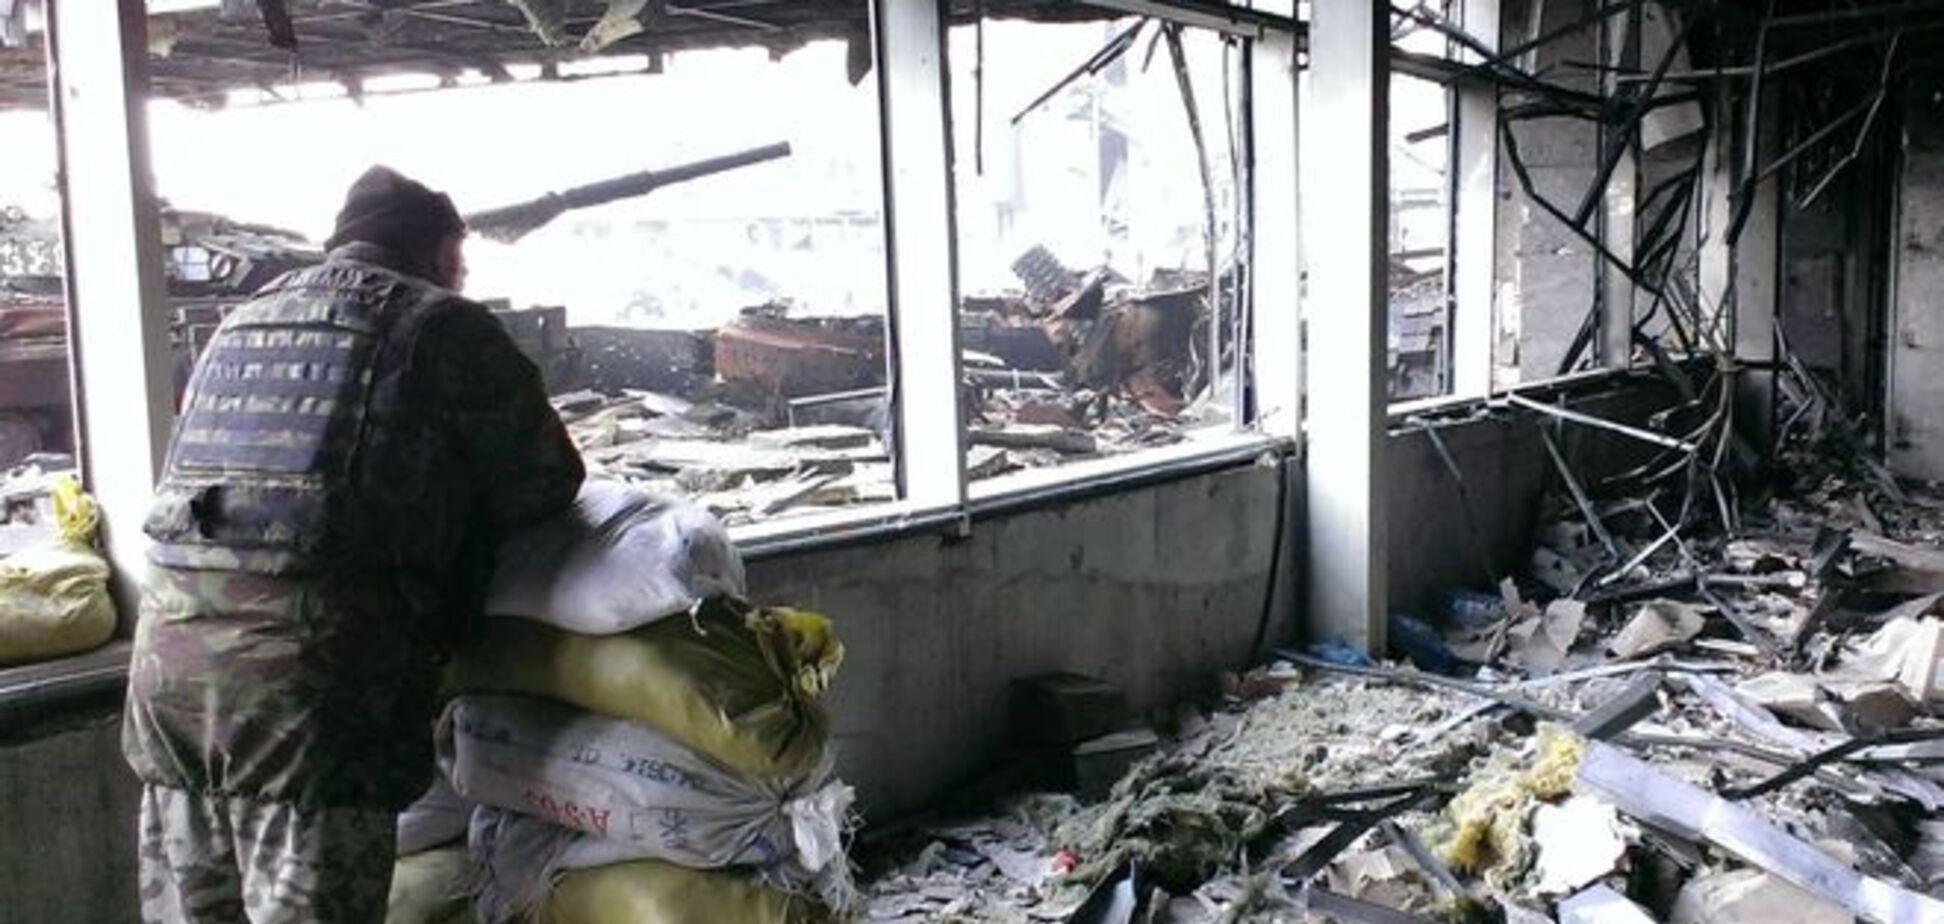 Террористы в районе донецкого аэропорта убили из гранатомета бойца АТО